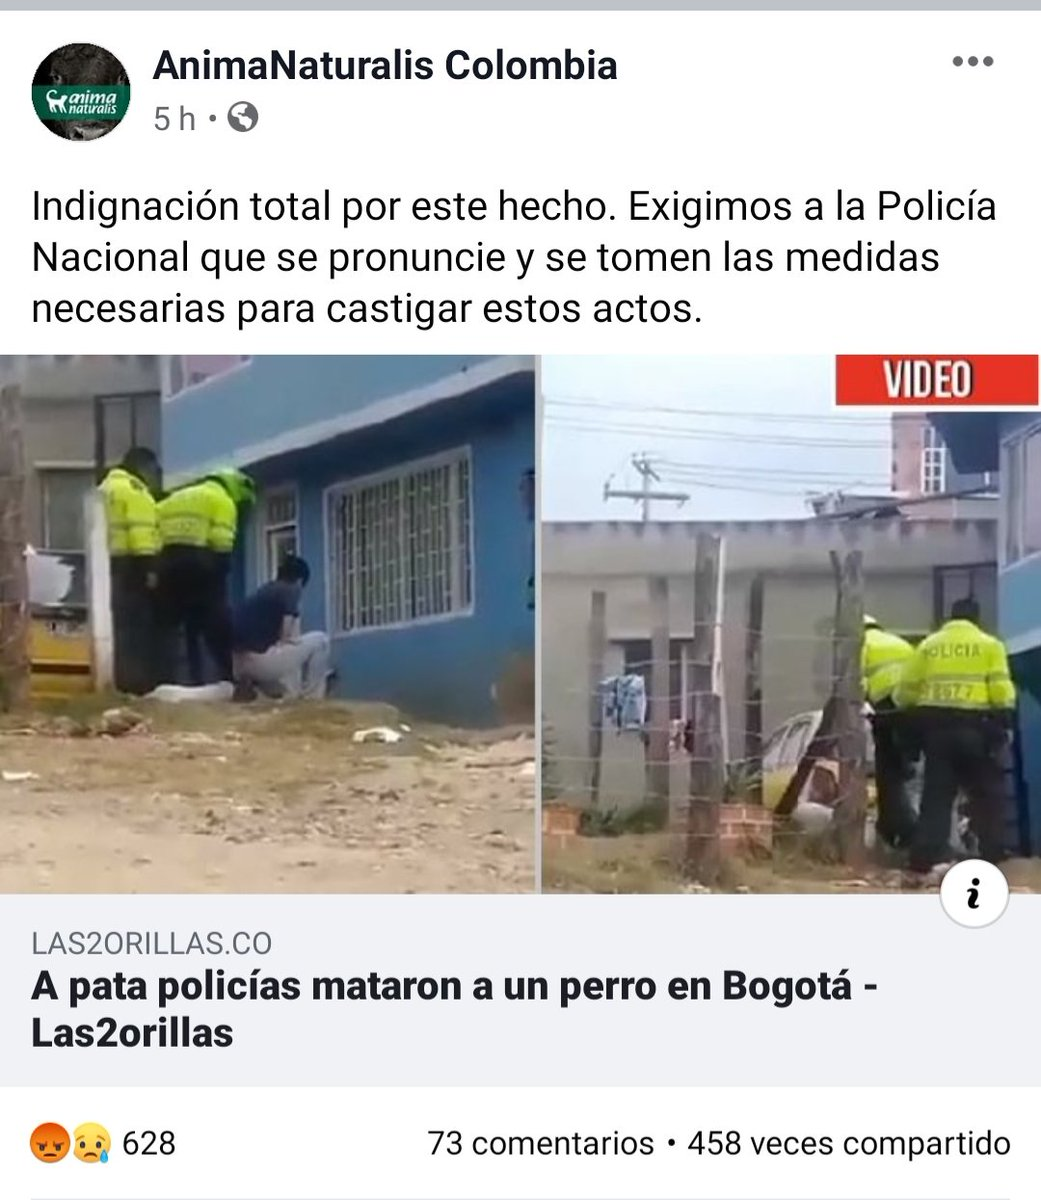 @ClaudiaLopez Por favor, que se haga justicia por el perro pitbull blanco que mataron dos policías en en el barrio Olarte en complicidad del dueño. El video es escalofriante. #PoliciasAsesinos #Amorporlosanimales #Hablandoporlosquenotienenvozpic.twitter.com/ASlCnwyBkz